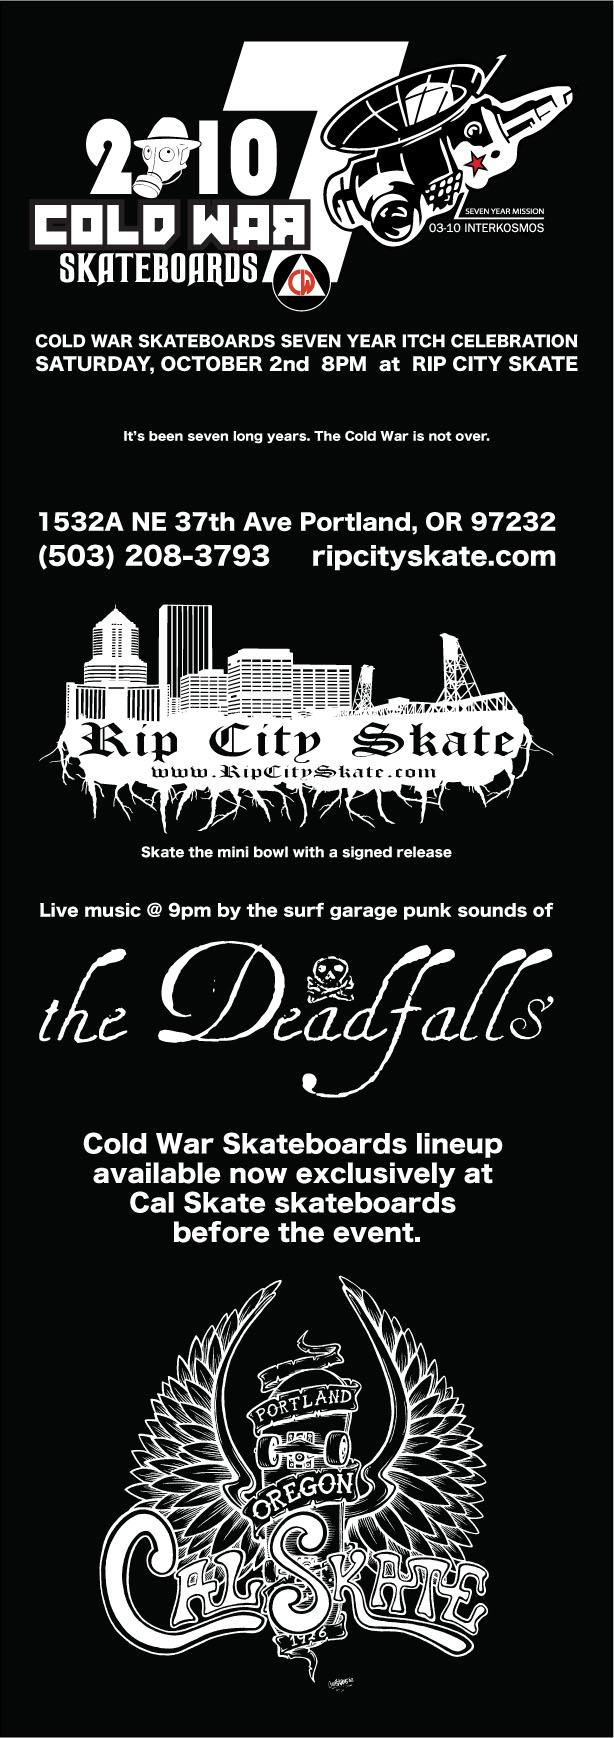 Cold War Skateboards 2010 Board Release Party Flier